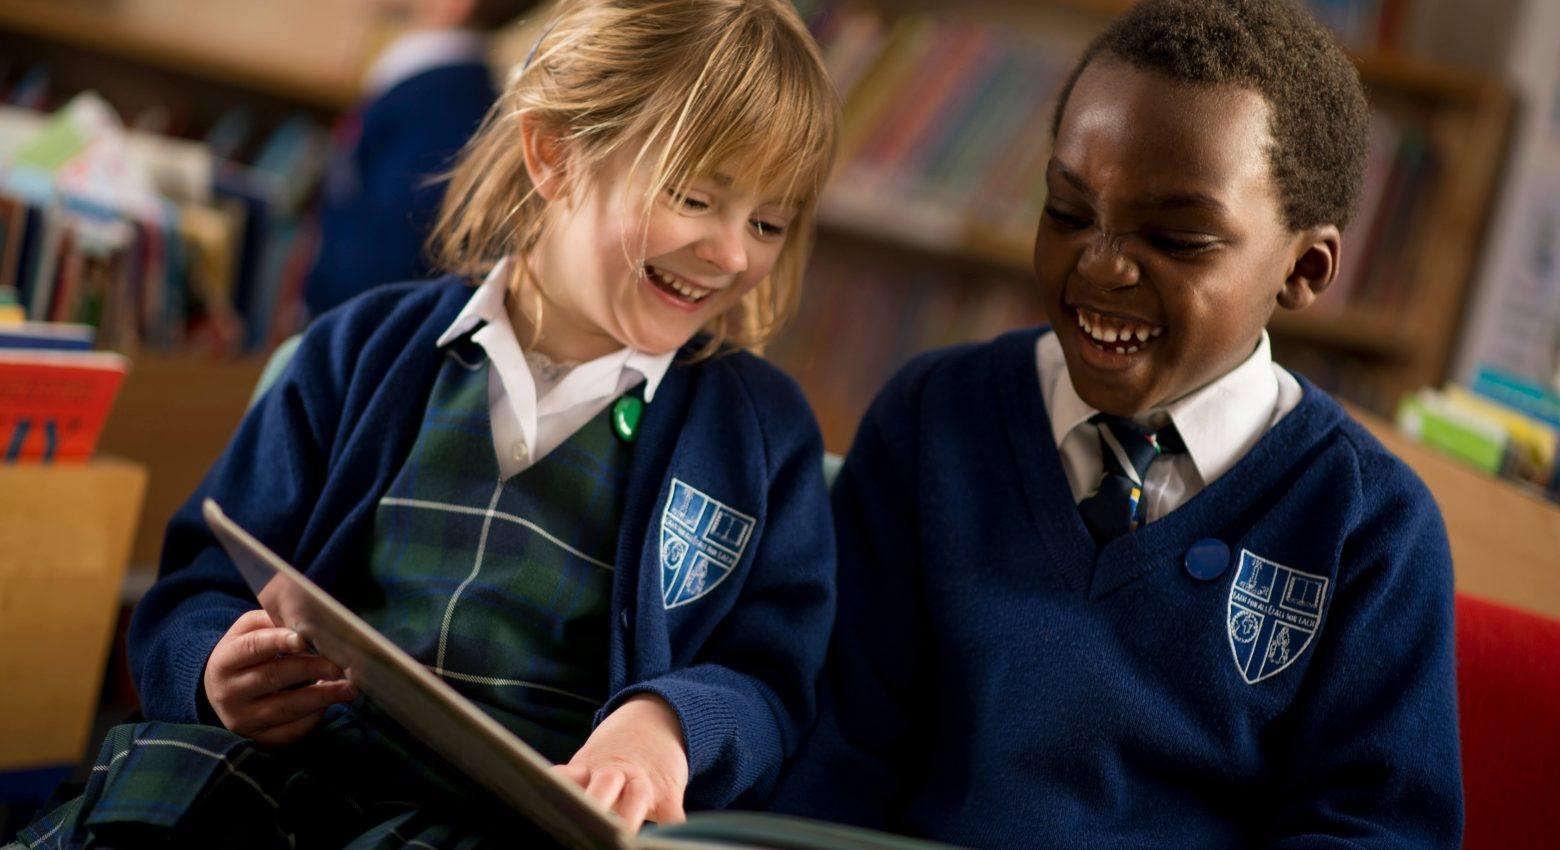 school children enjoying a book